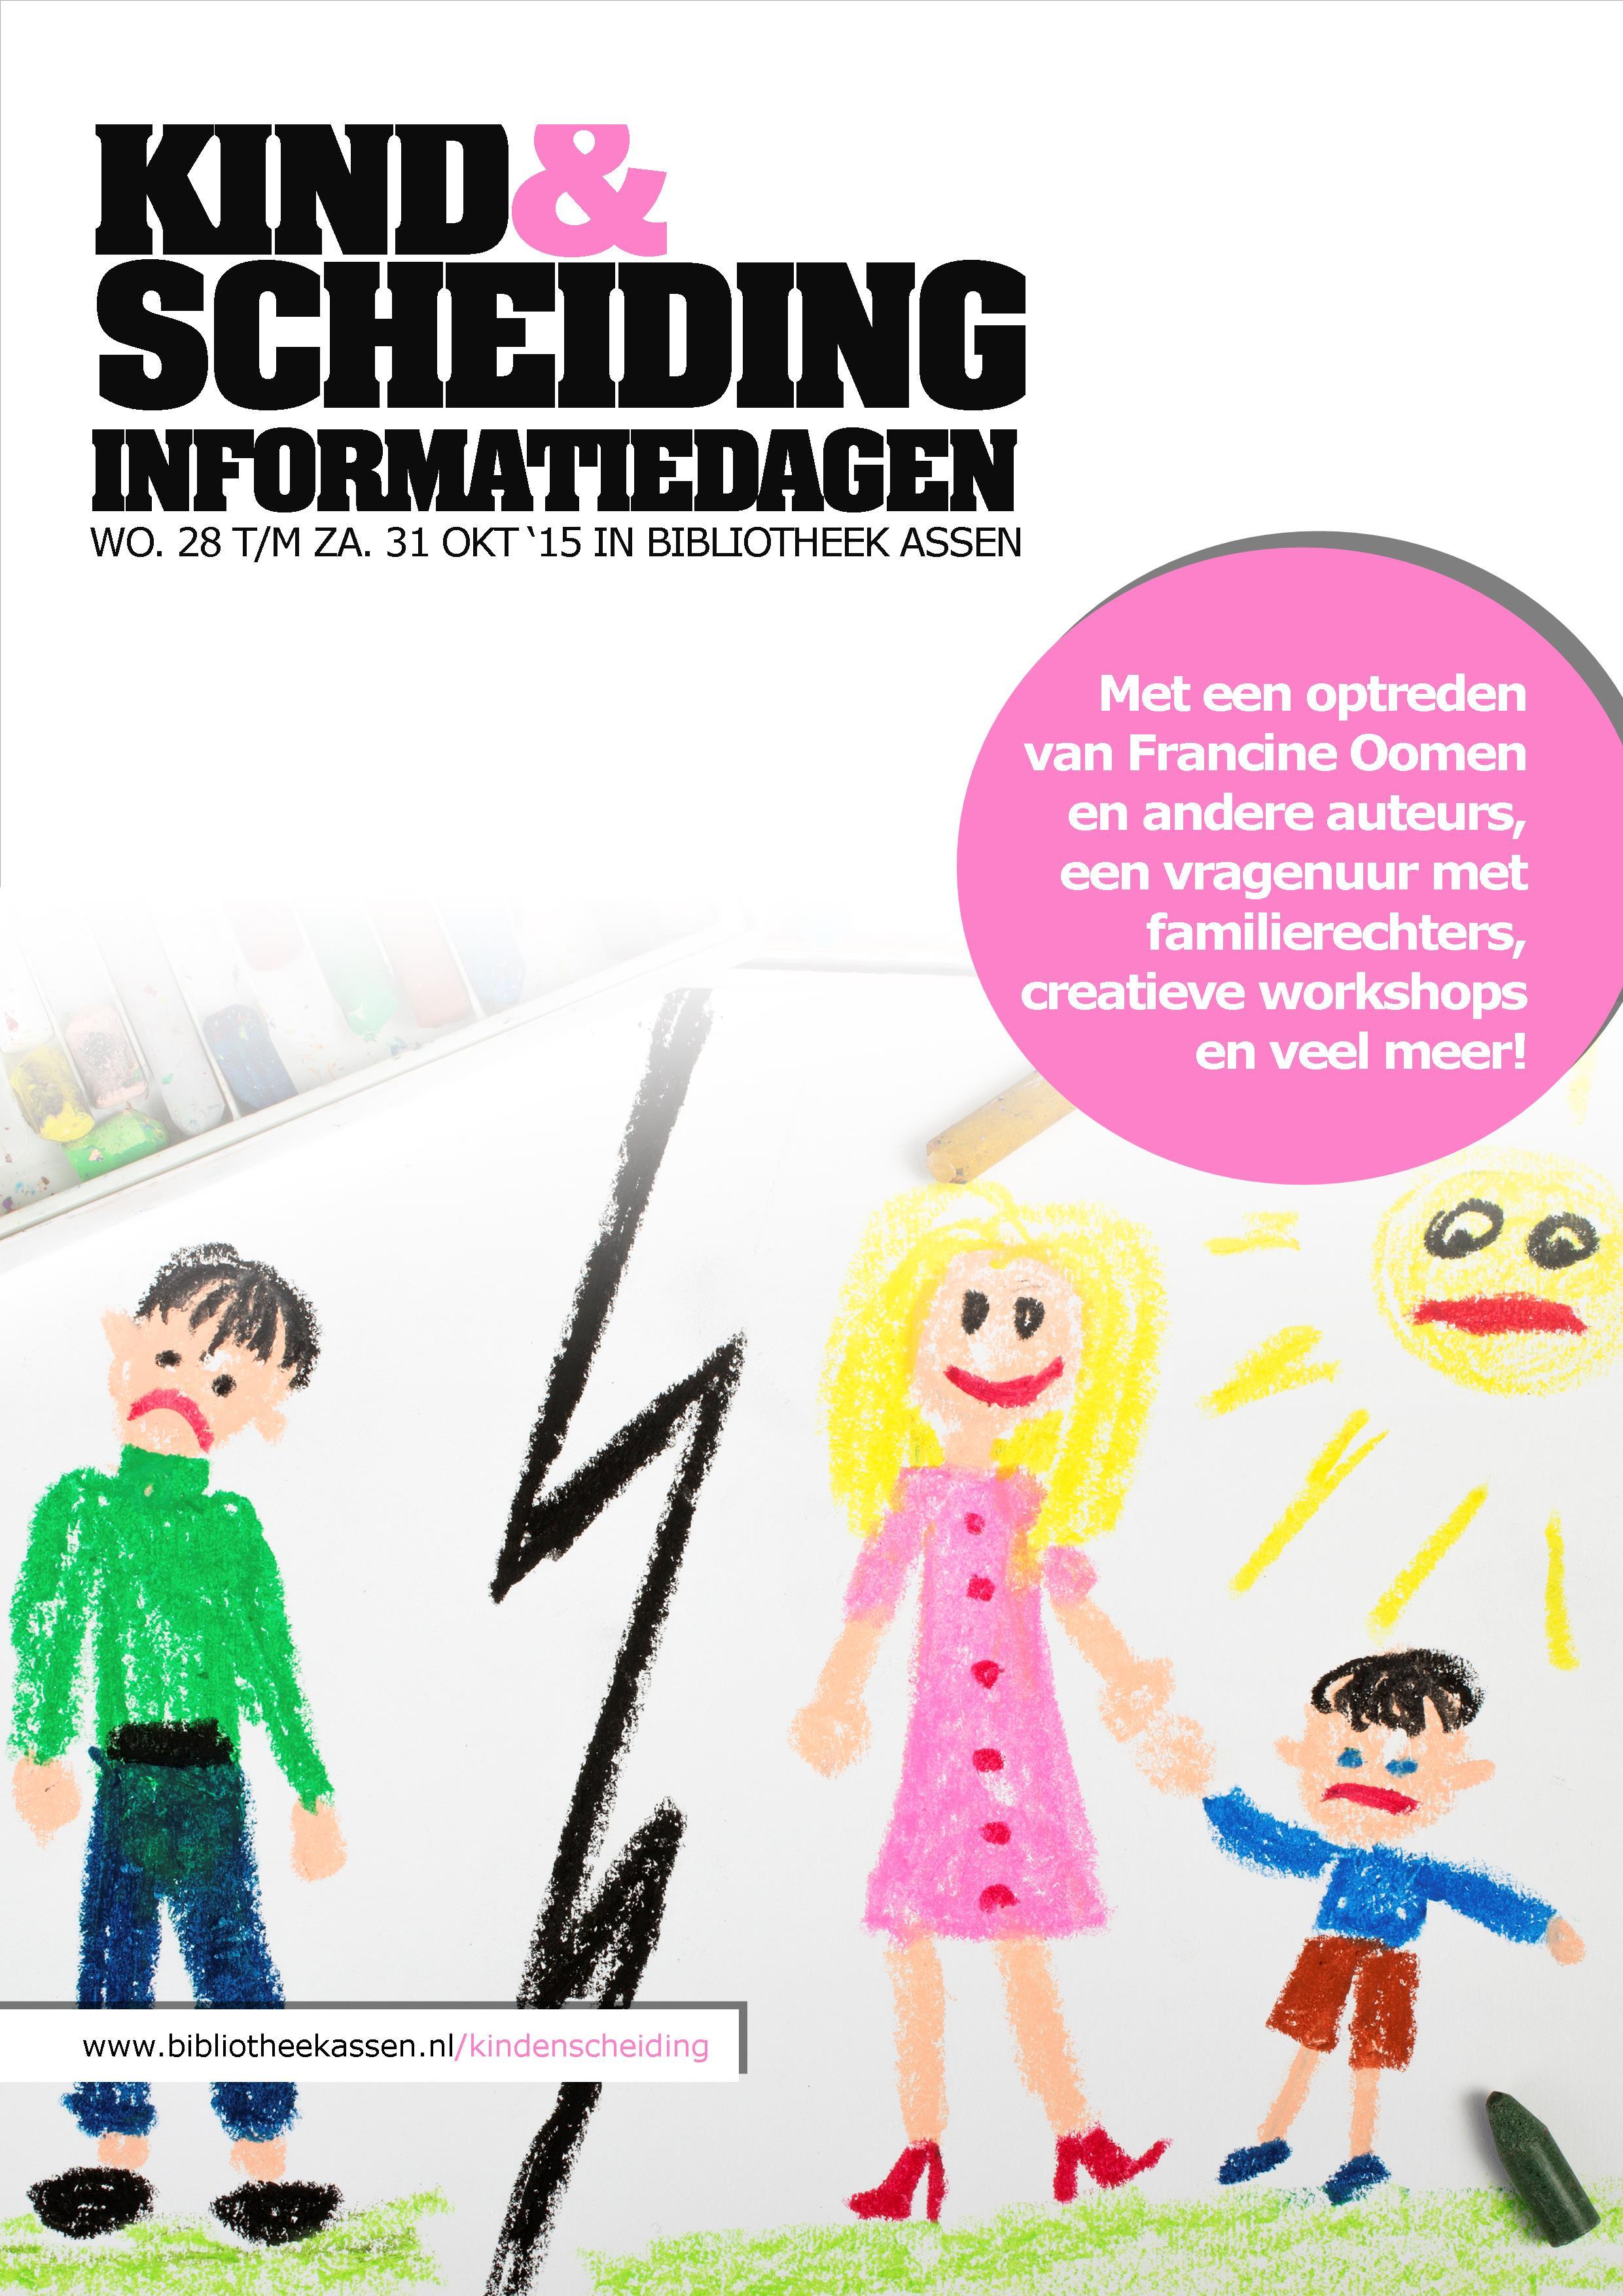 Kind & Scheiding informatiedagen in Bibliotheek Assen